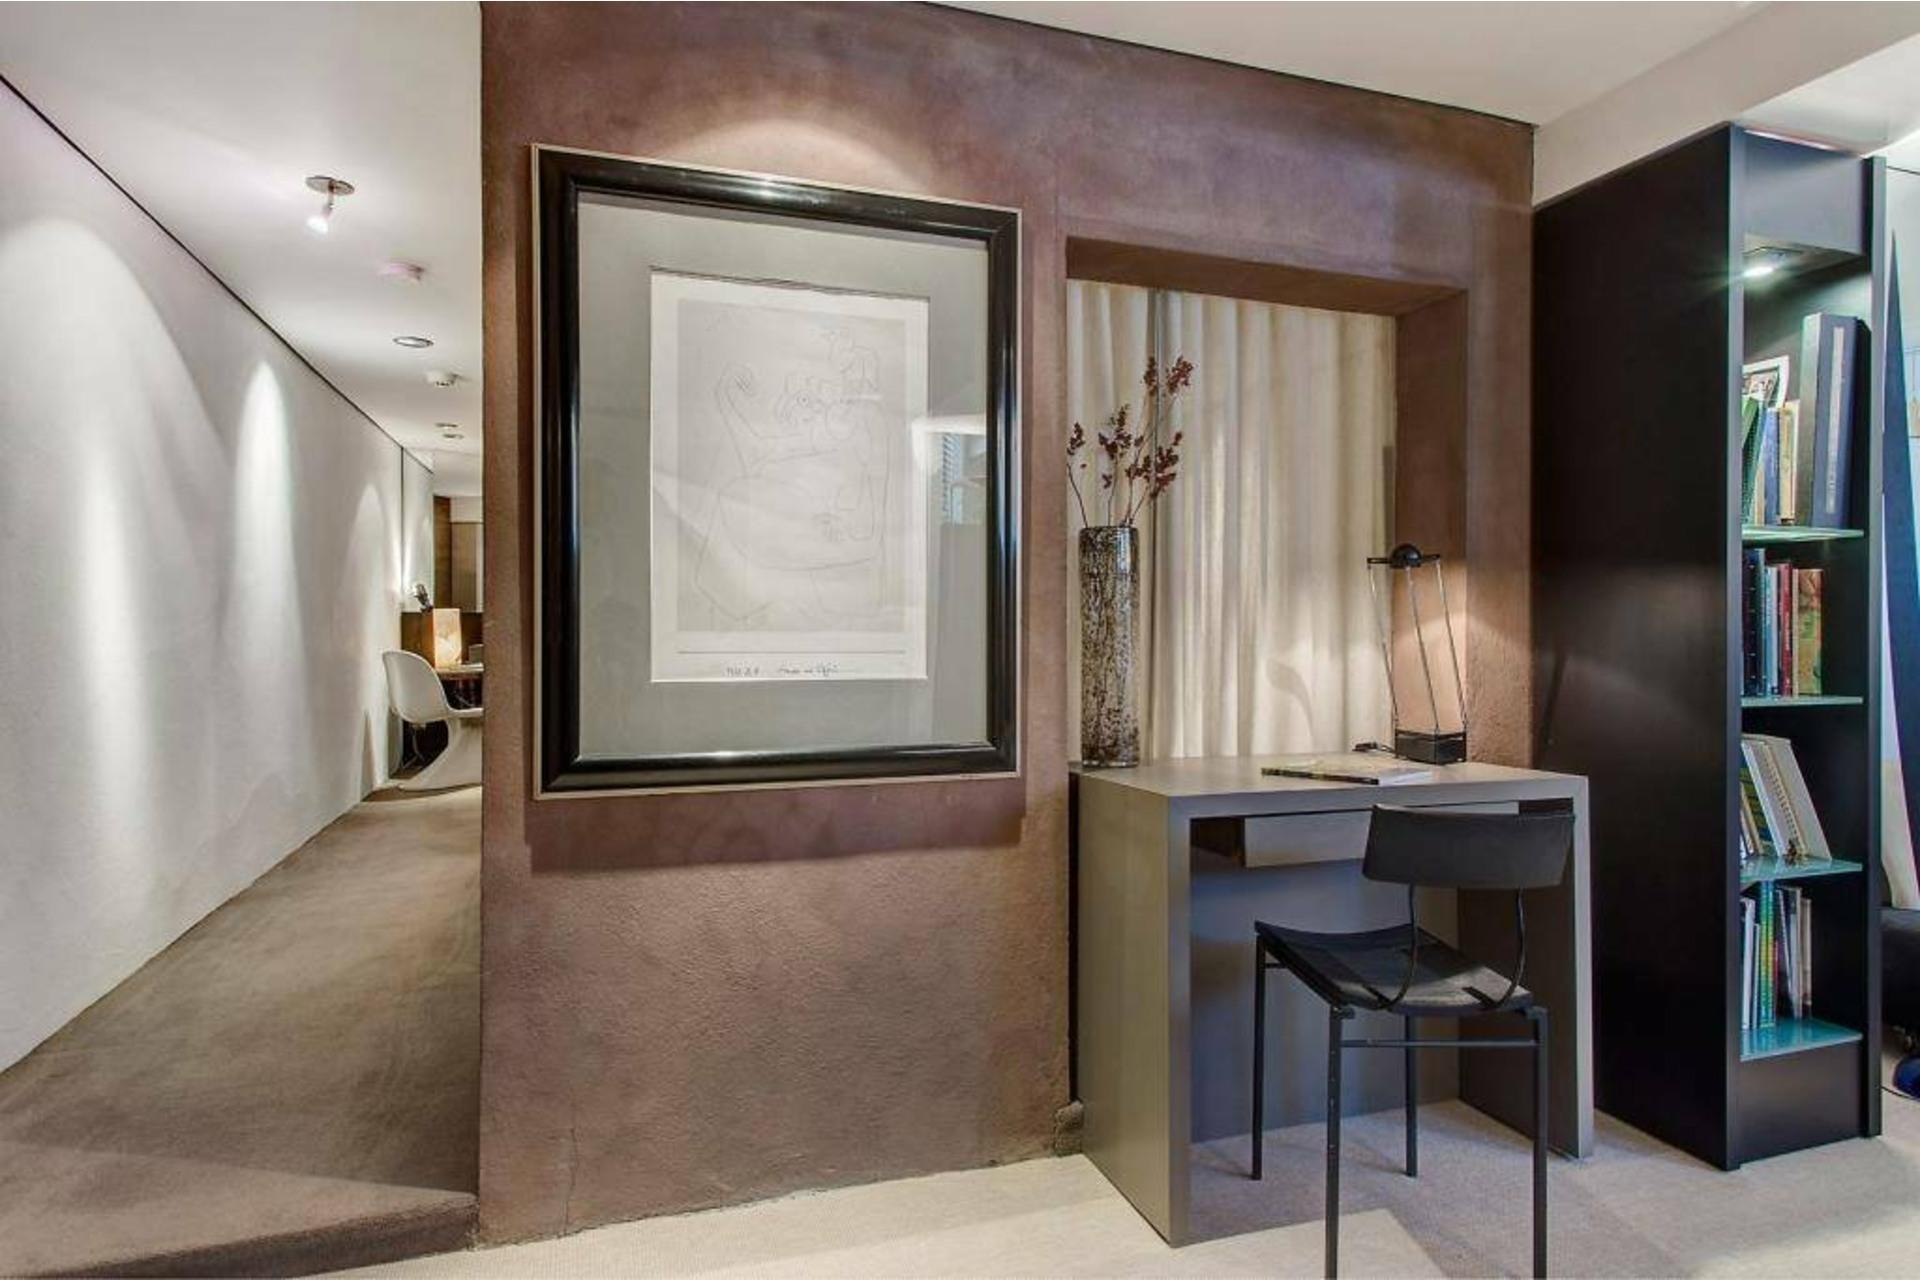 image 6 - Apartment For sale Côte-des-Neiges/Notre-Dame-de-Grâce Montréal  - 6 rooms